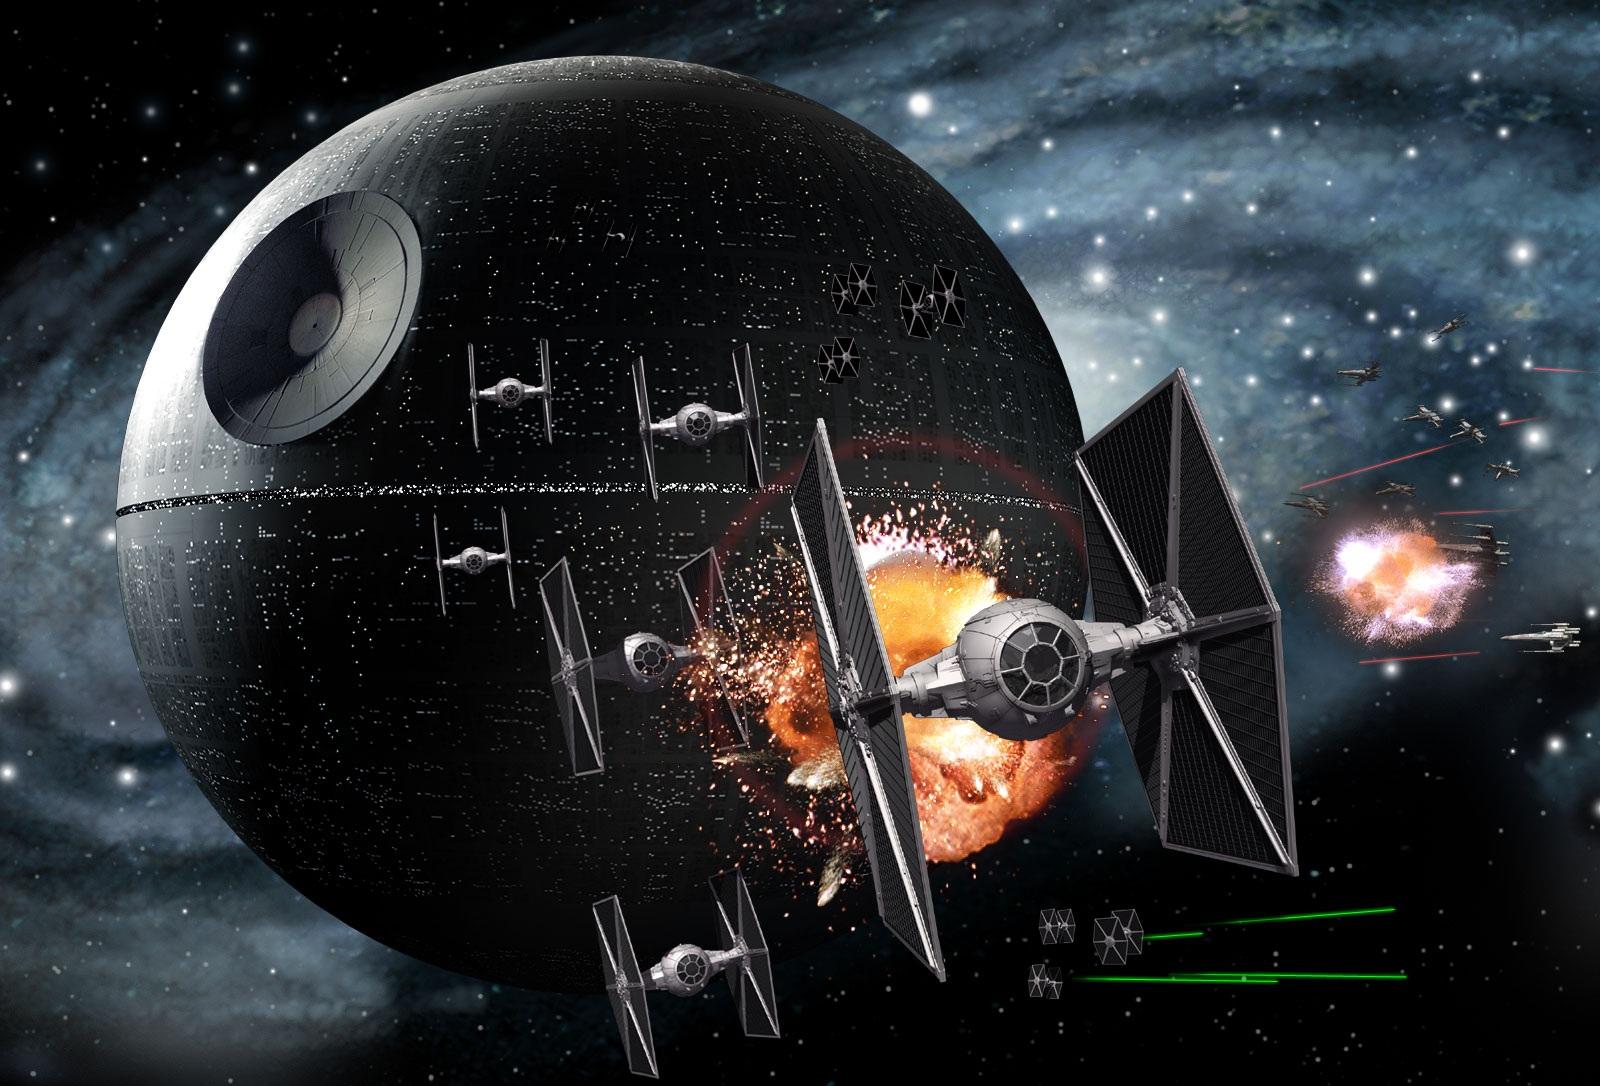 Star Wars Wallpapers HD 1600x1086